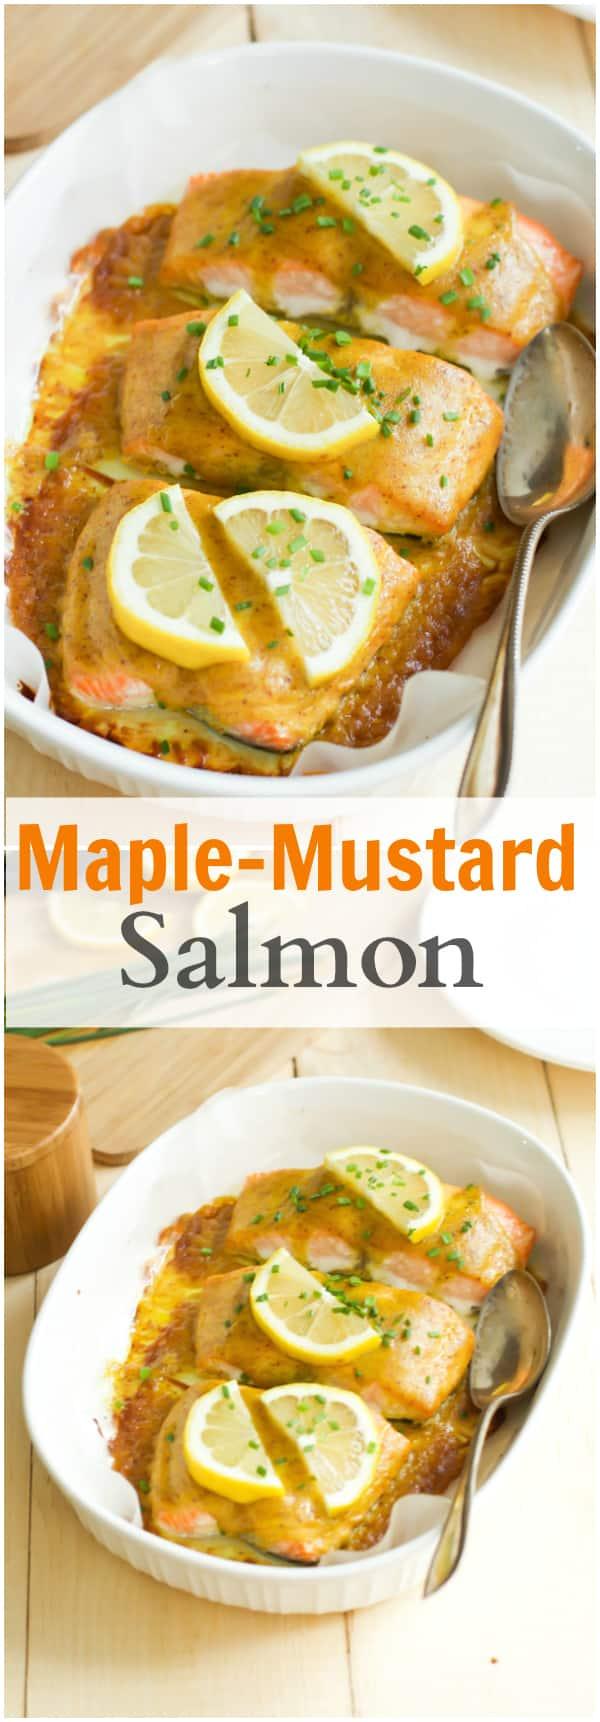 Maple-Mustard Salmon